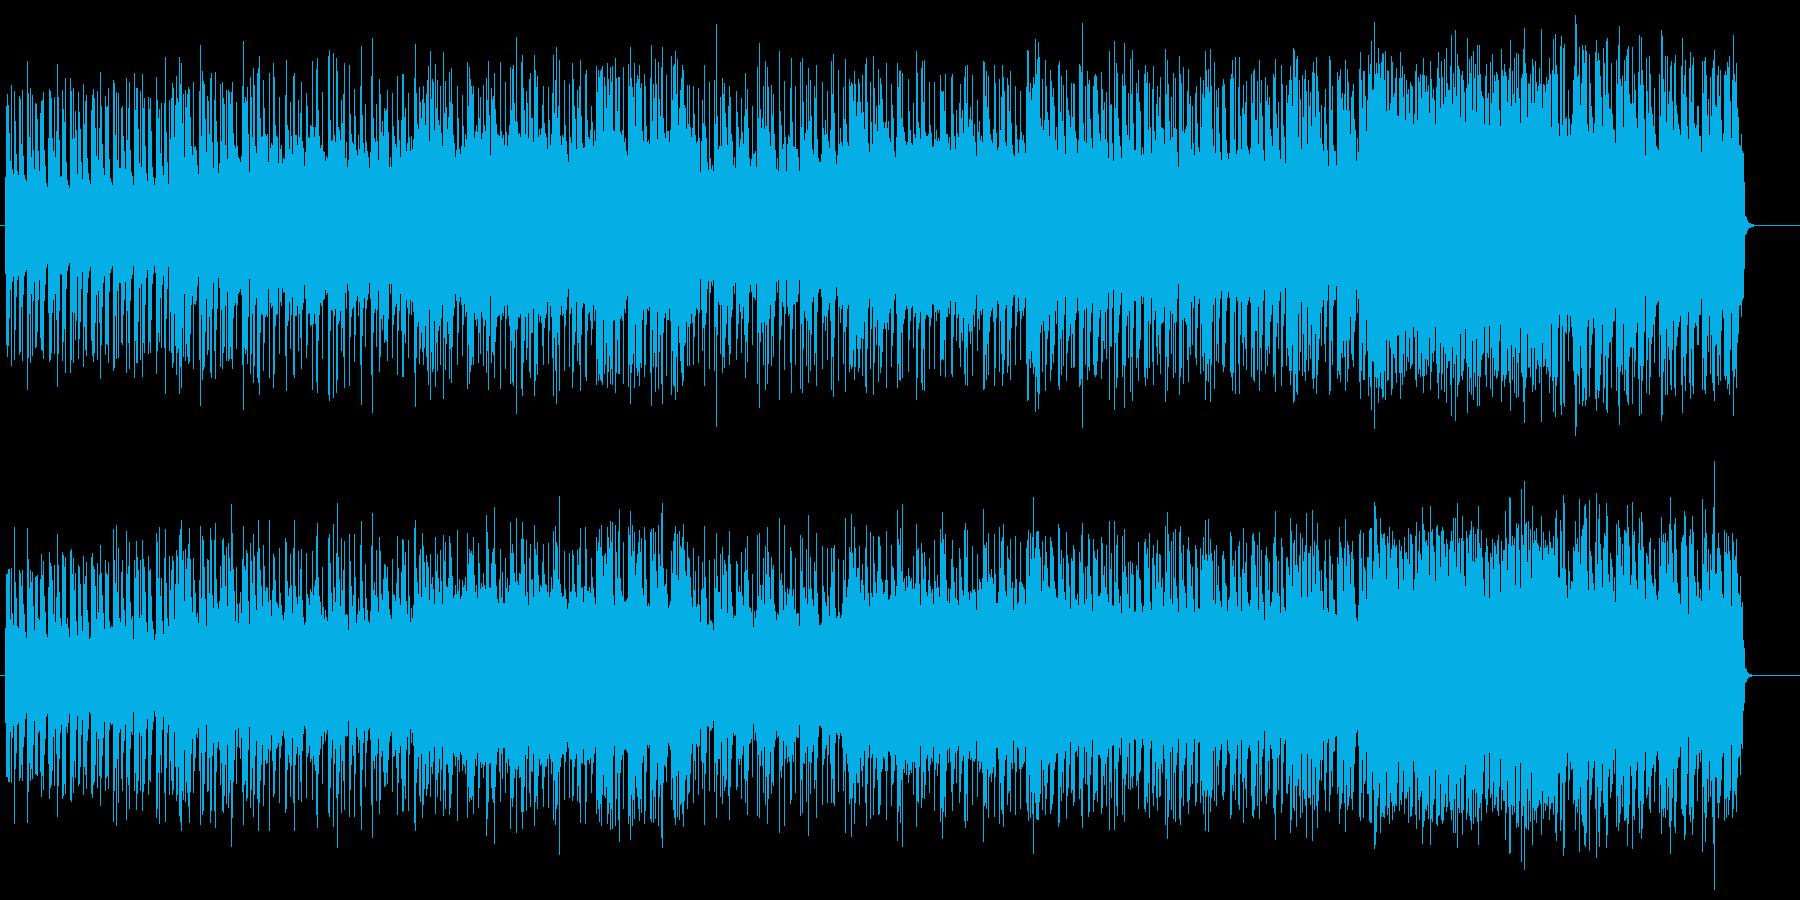 シンセを取り入れた幻想的ゲームBGMの再生済みの波形